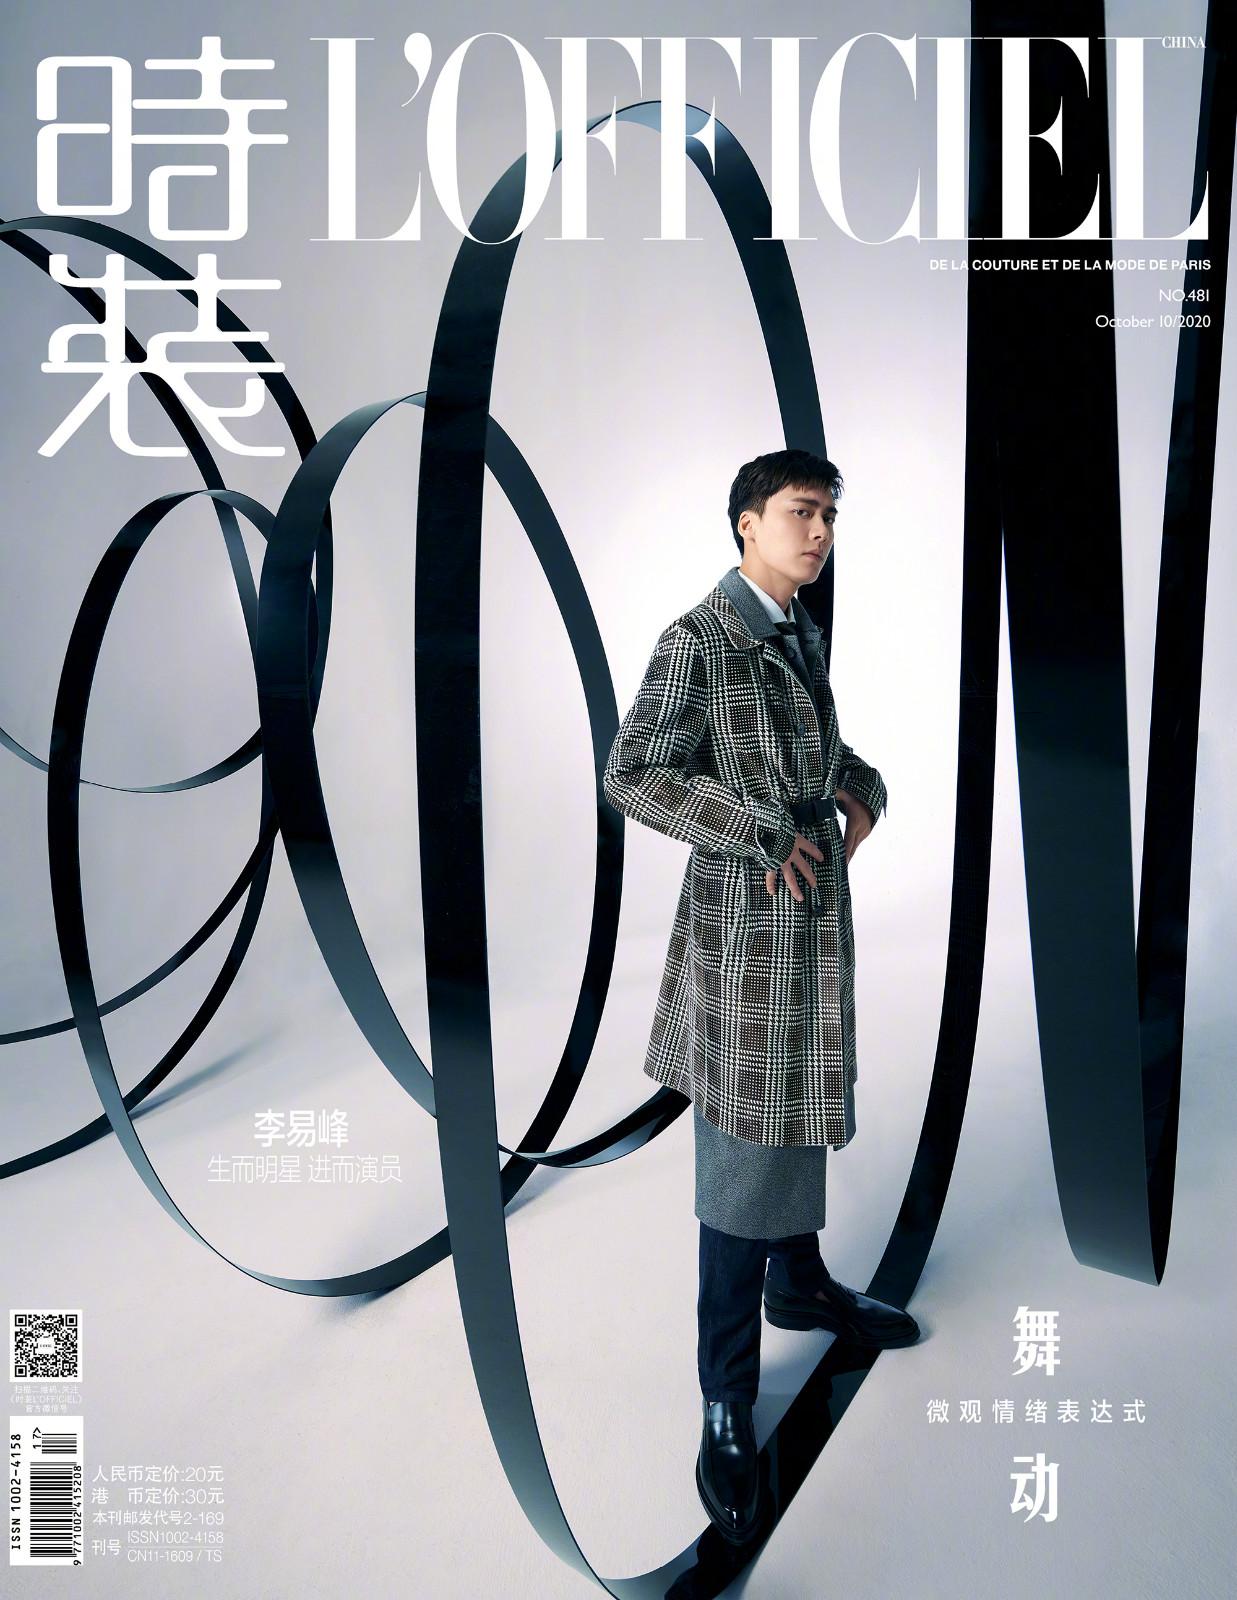 李易峰最新时装大片 展现摩登型男魅力